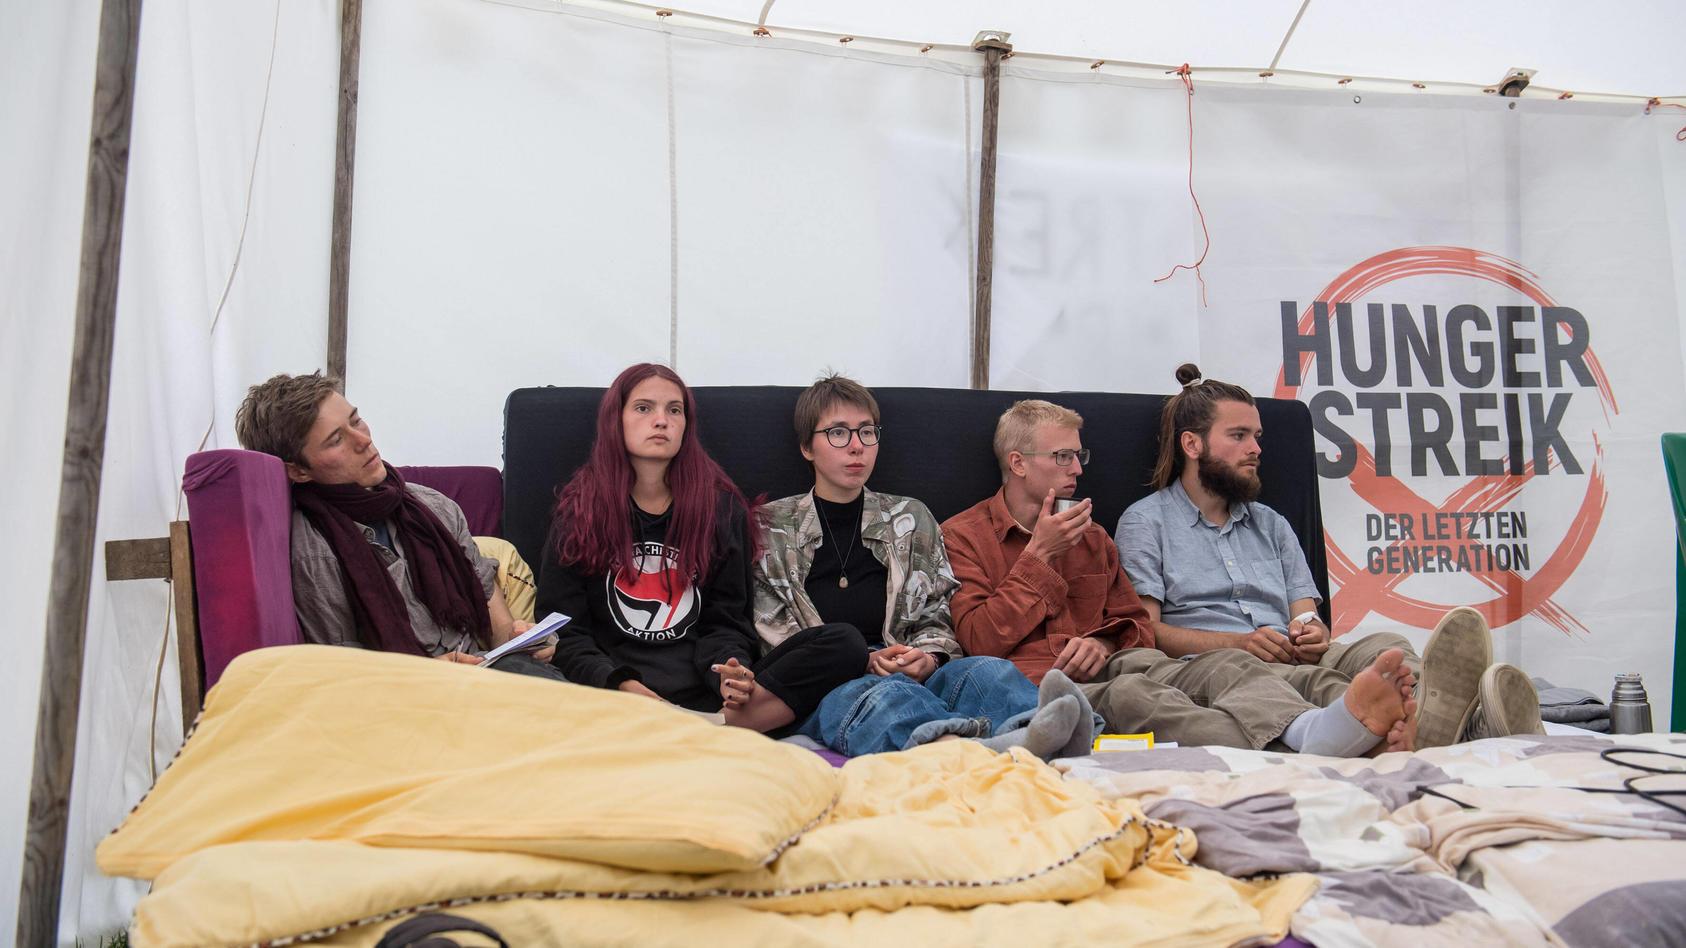 Am Donnerstag war Tag 18 des Hungerstreiks der Klimaaktivisten.